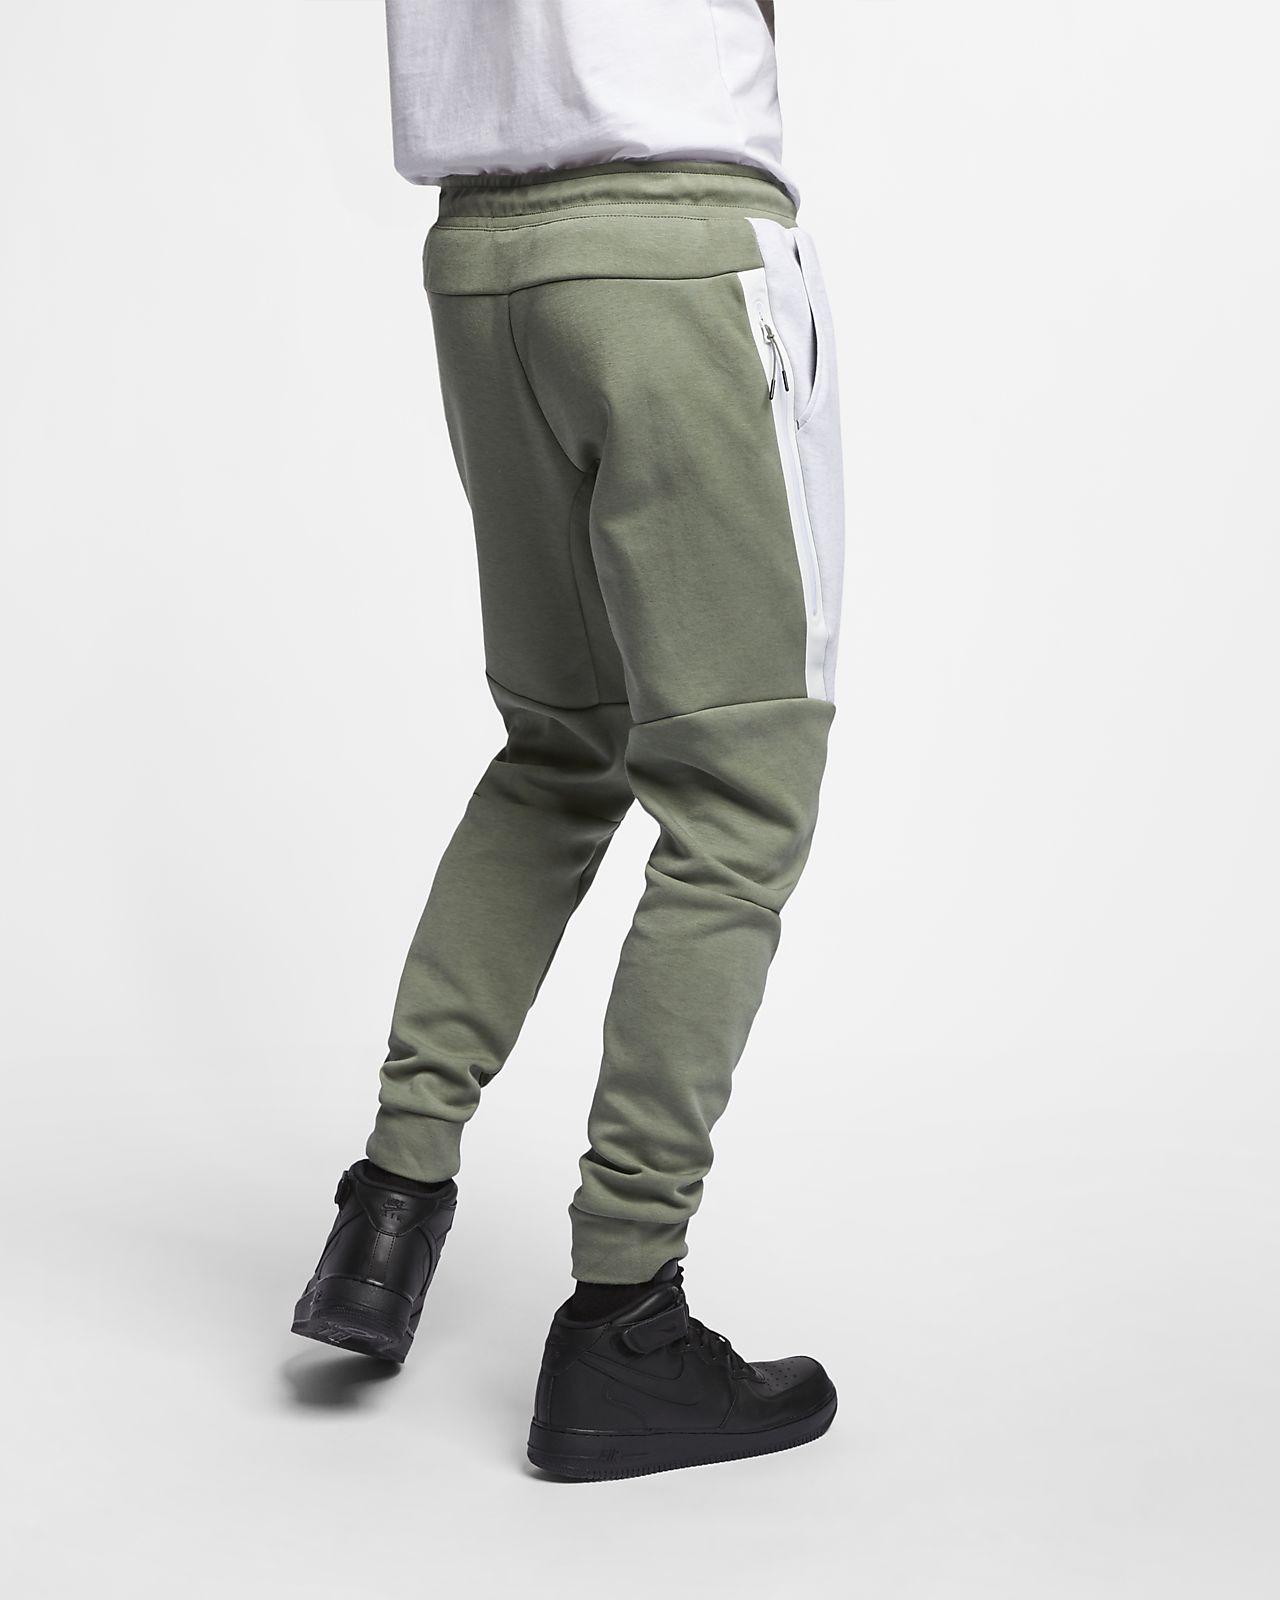 Nieuw Nike Sportswear Tech Fleece Men's Joggers. Nike.com BE ES-75